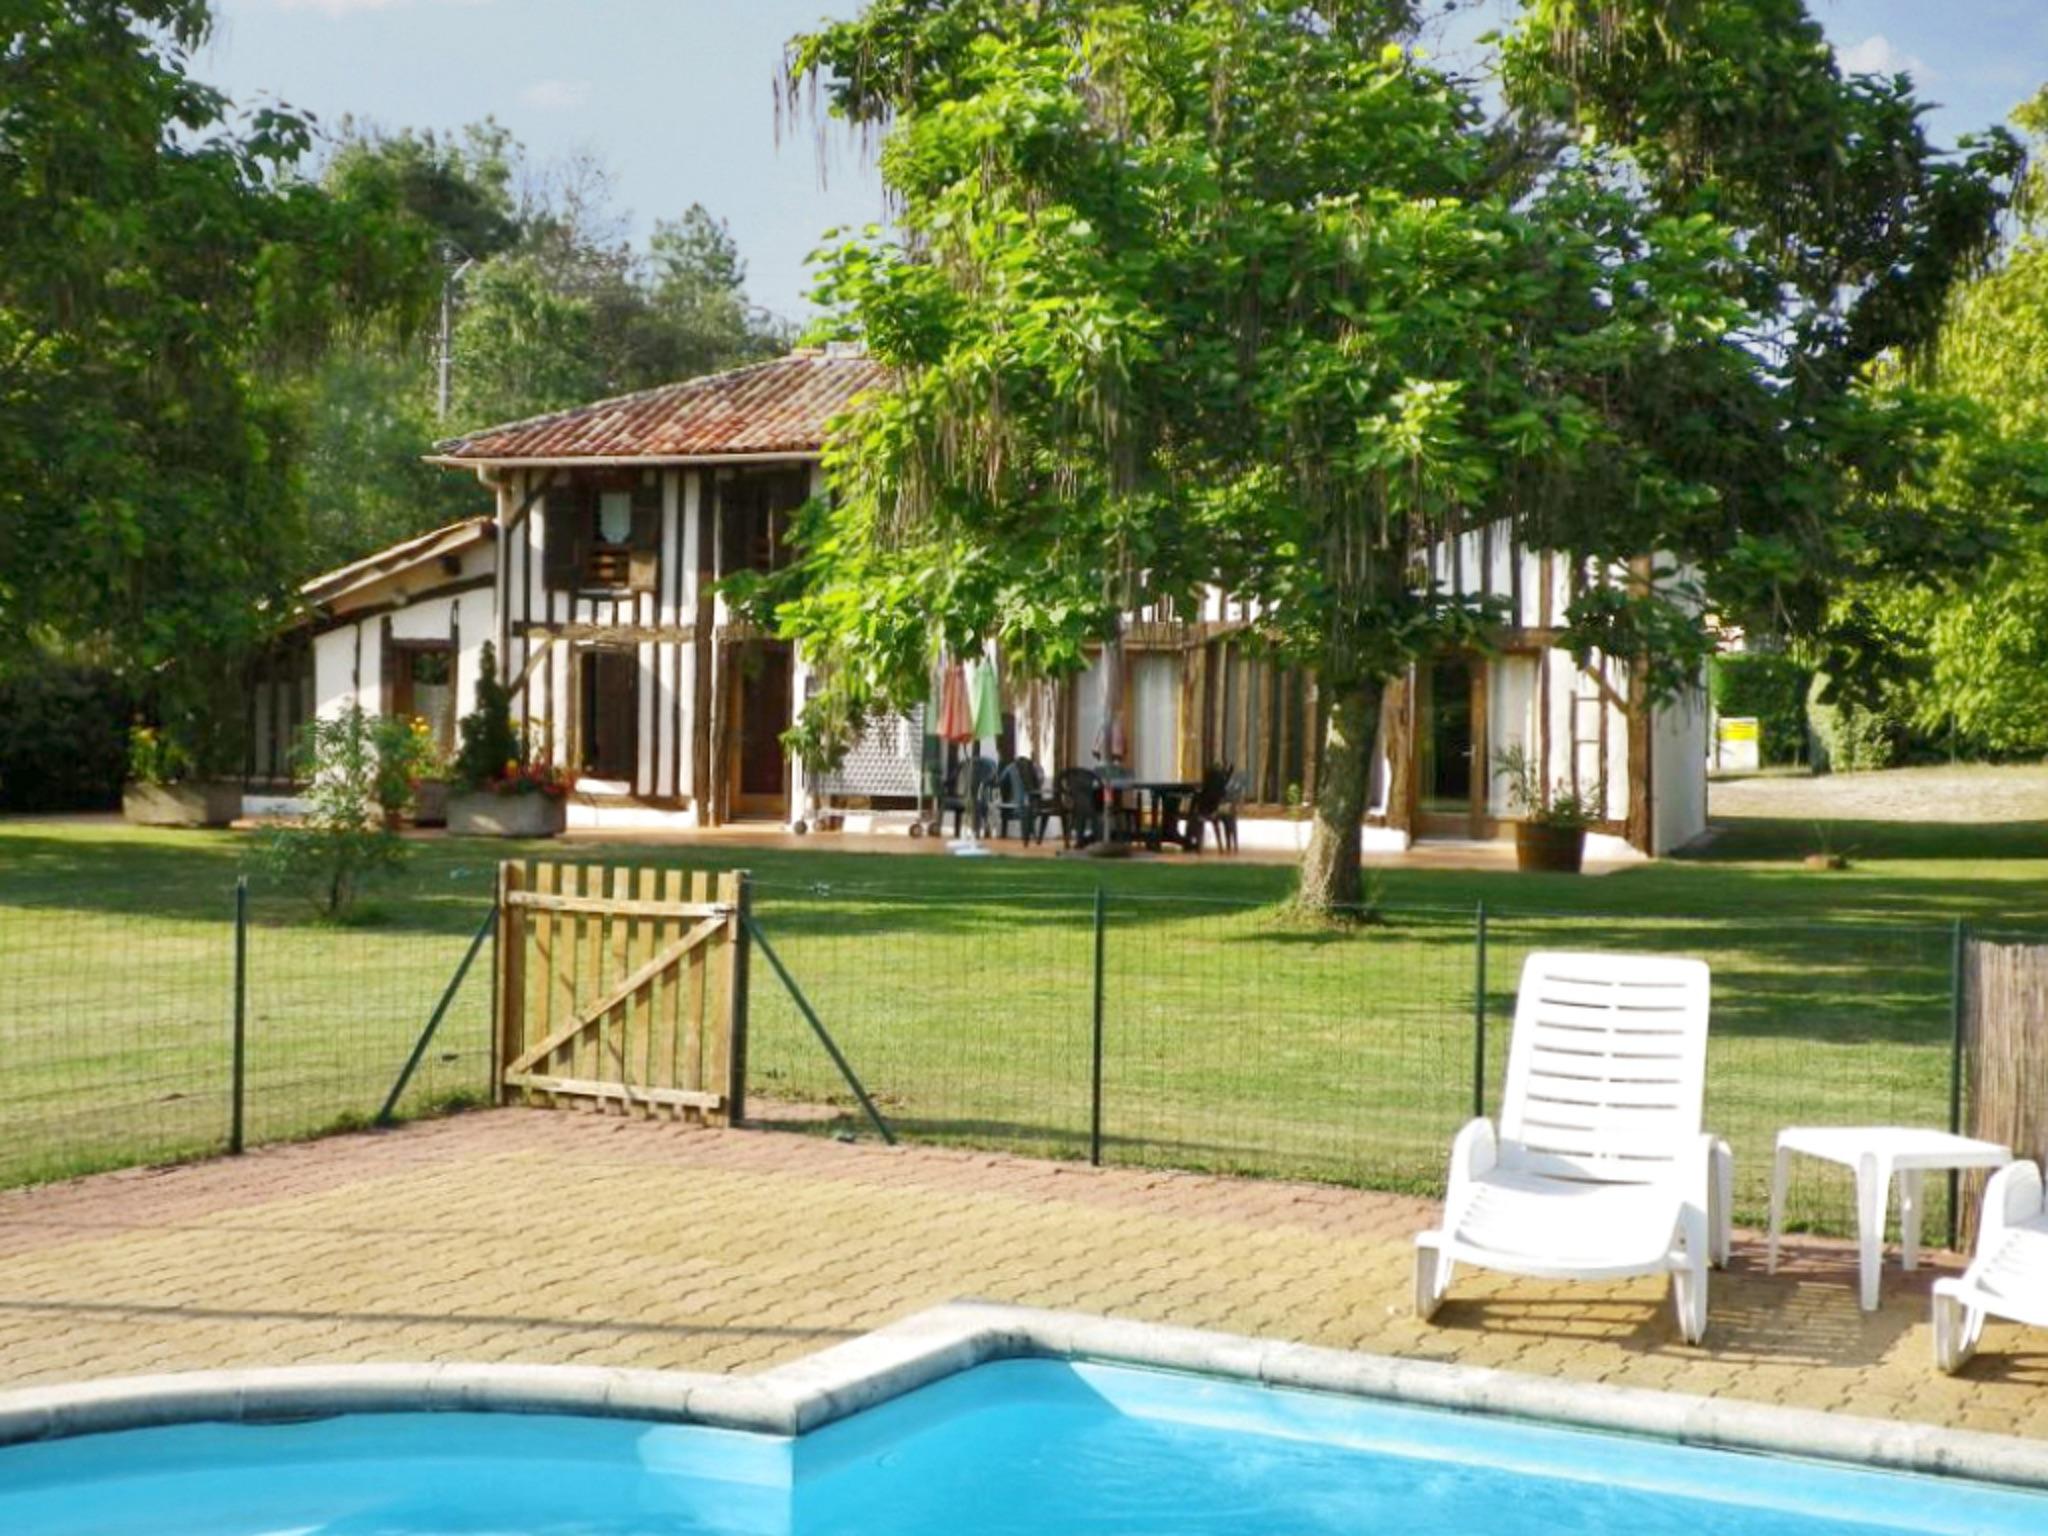 Ferienhaus Villa mit 4 Zimmern in Trensacq mit privatem Pool und möbliertem Garten - 45 km vom Strand (2202366), Trensacq, Landes, Aquitanien, Frankreich, Bild 1